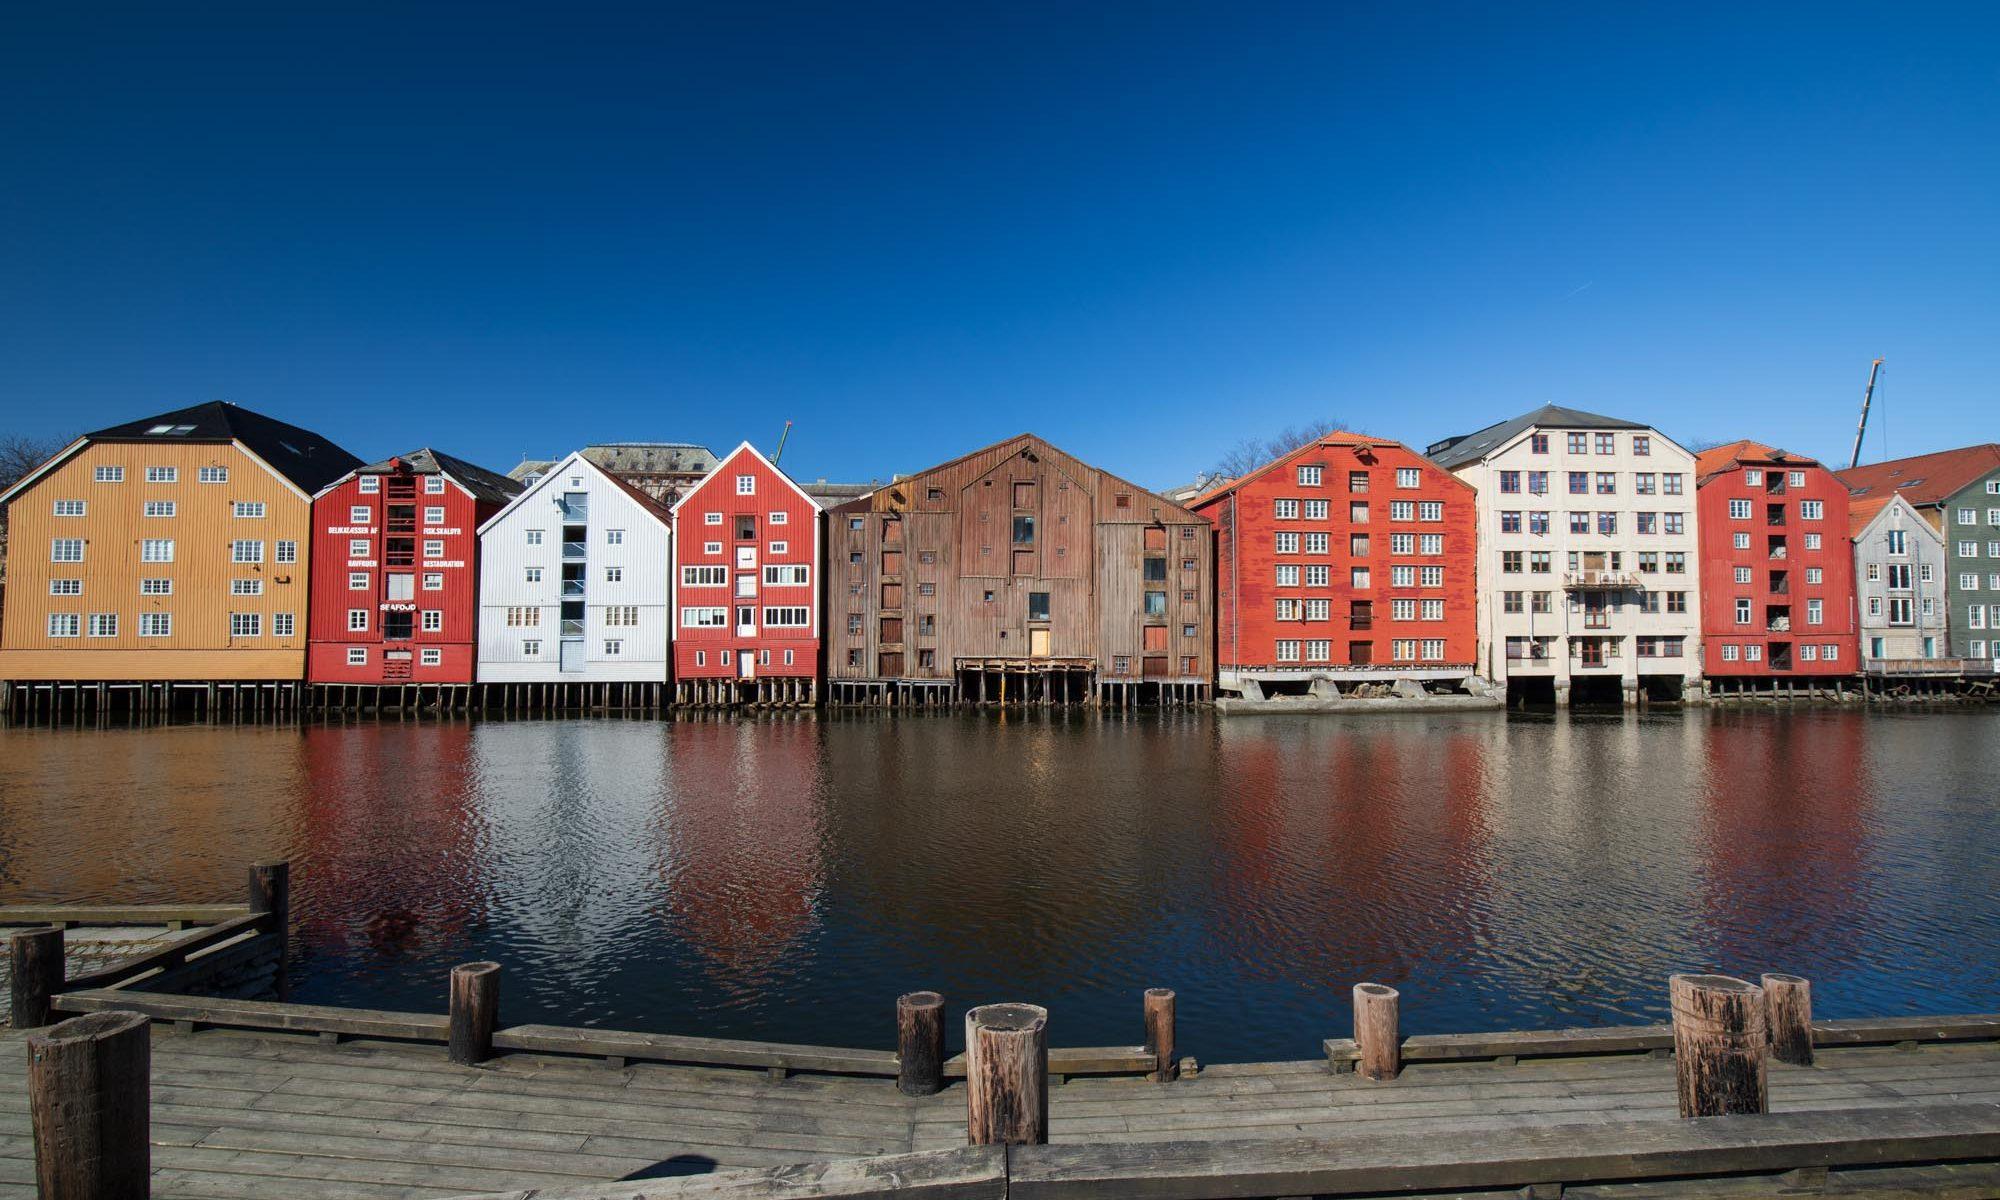 Farbige Häuser auf Stelzen in Trondheim, Norwegen.